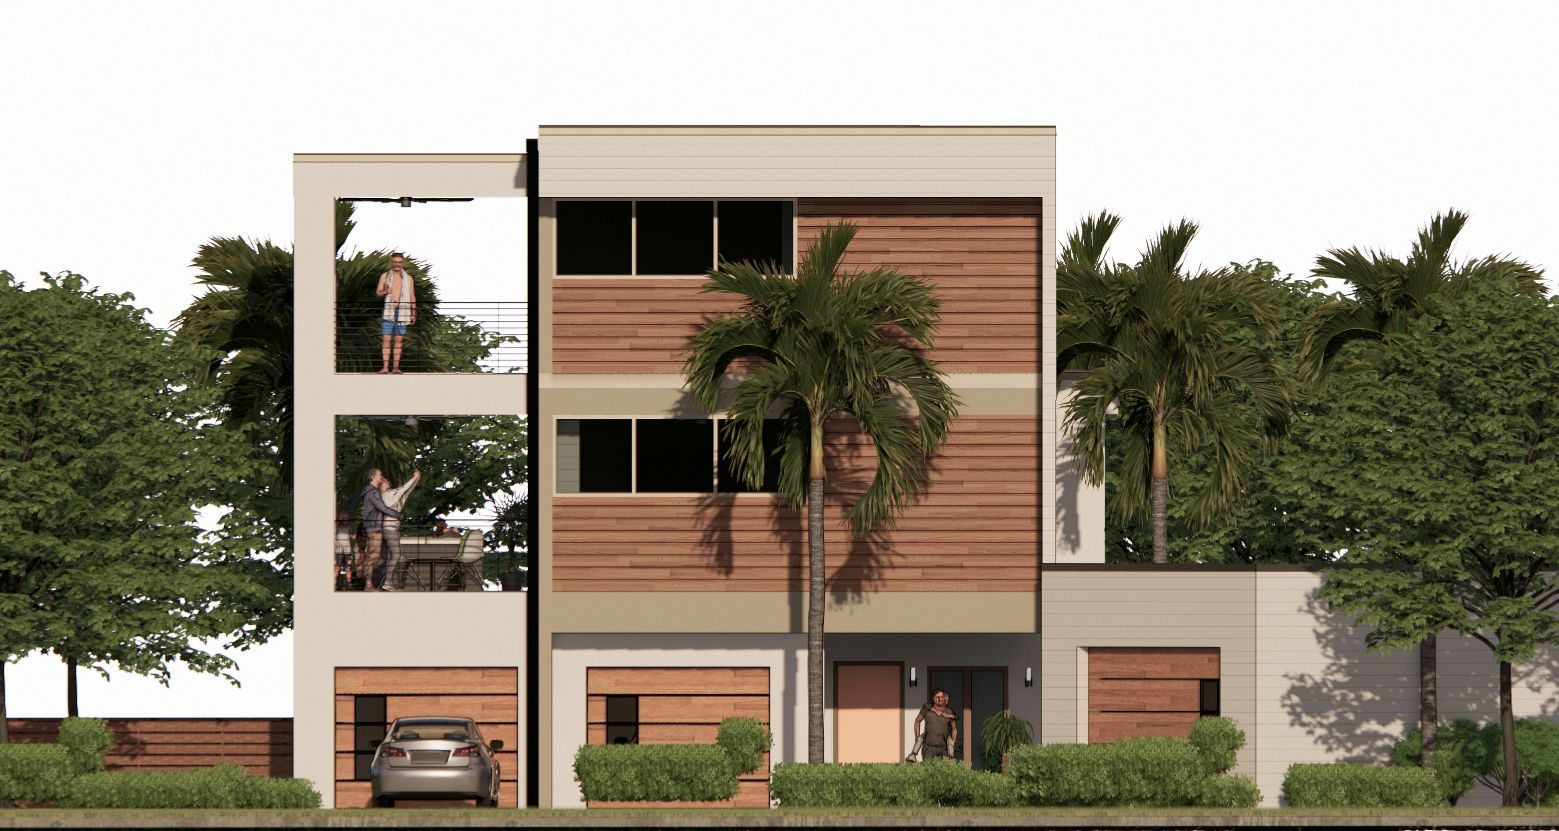 Hurst House Enscape_2020-12-20-16-18-47.jpg